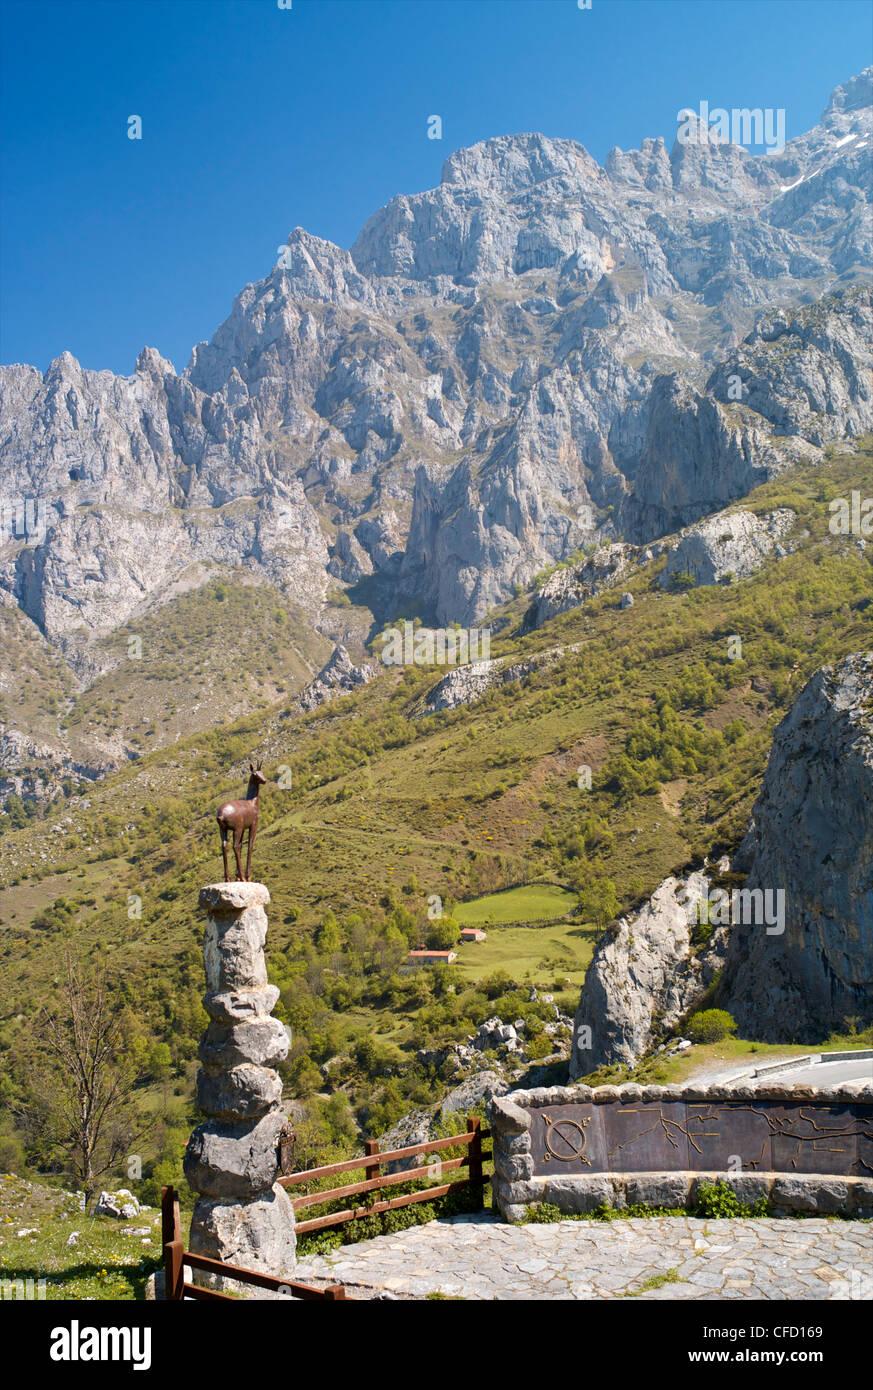 A viewpoint near Cain, Picos de Europa, Castilla y Leon, Spain, Europe - Stock Image